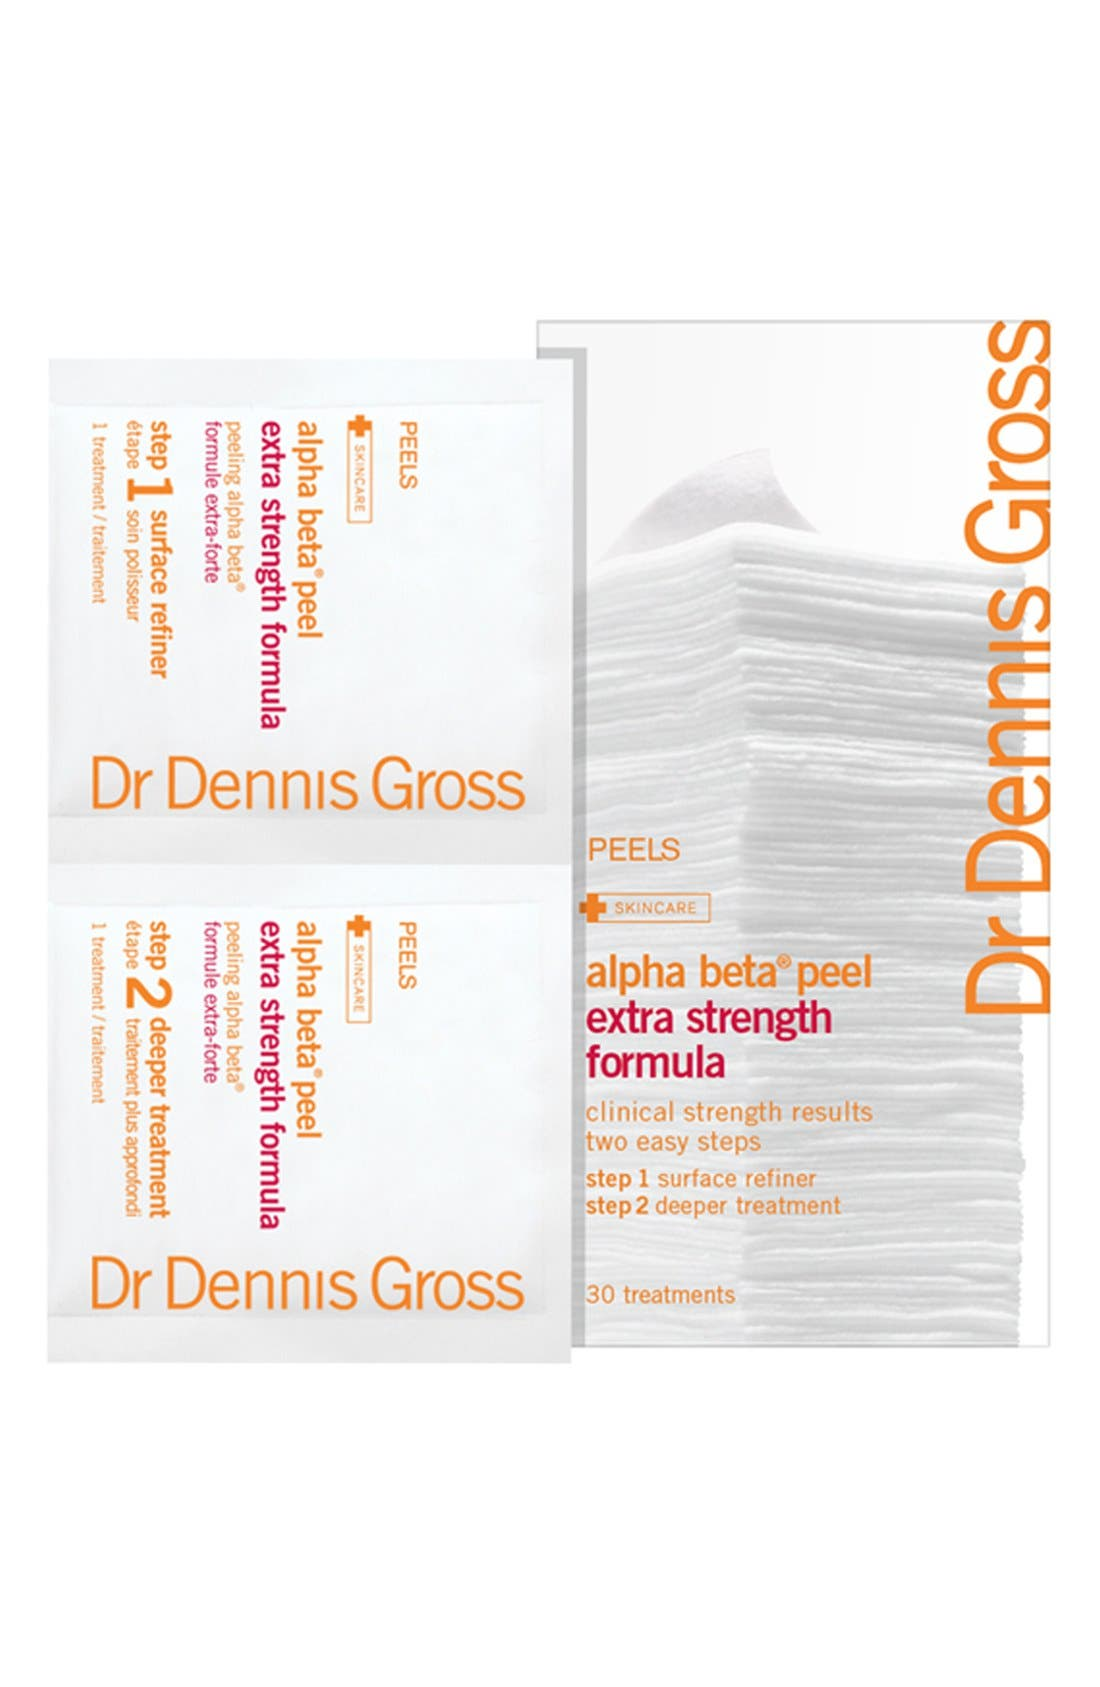 Dr. Dennis Gross Skincare Alpha Beta® Peel Extra Strength Formula - 30 Applications